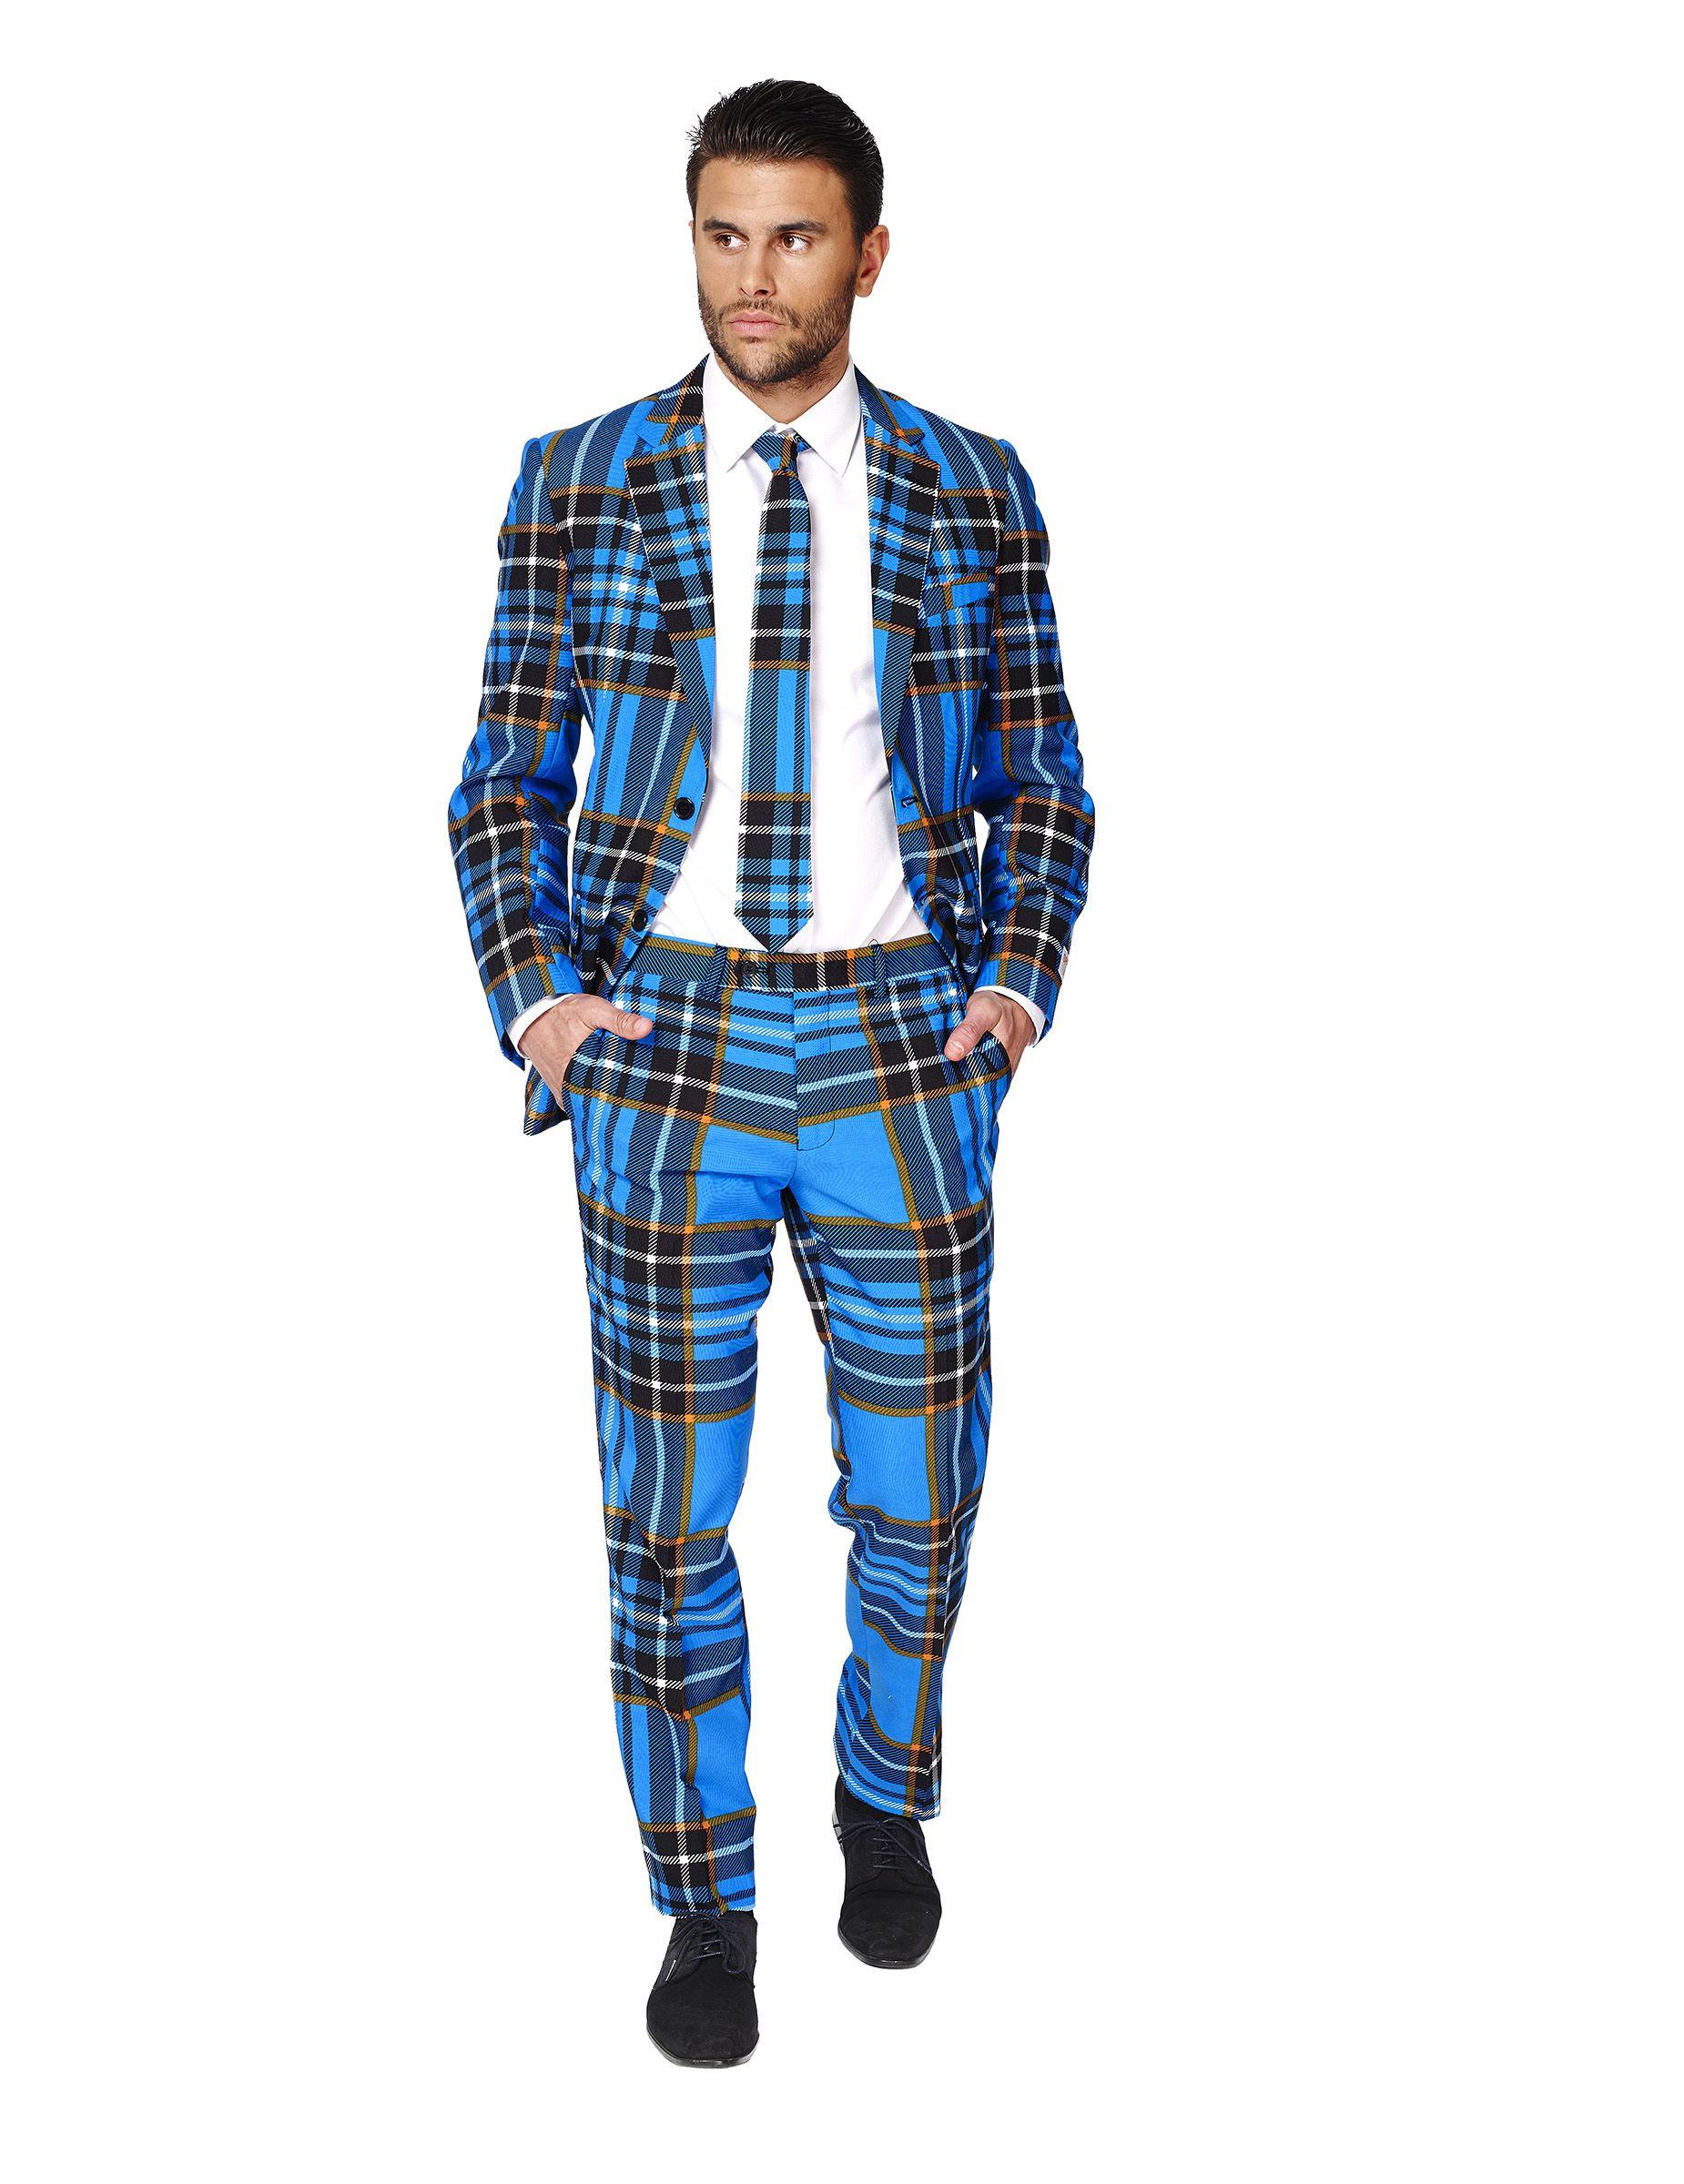 Blaukarierte Schotten Opposuits™-Anzug für Herren in großem Karo-Muster 108c6358e95